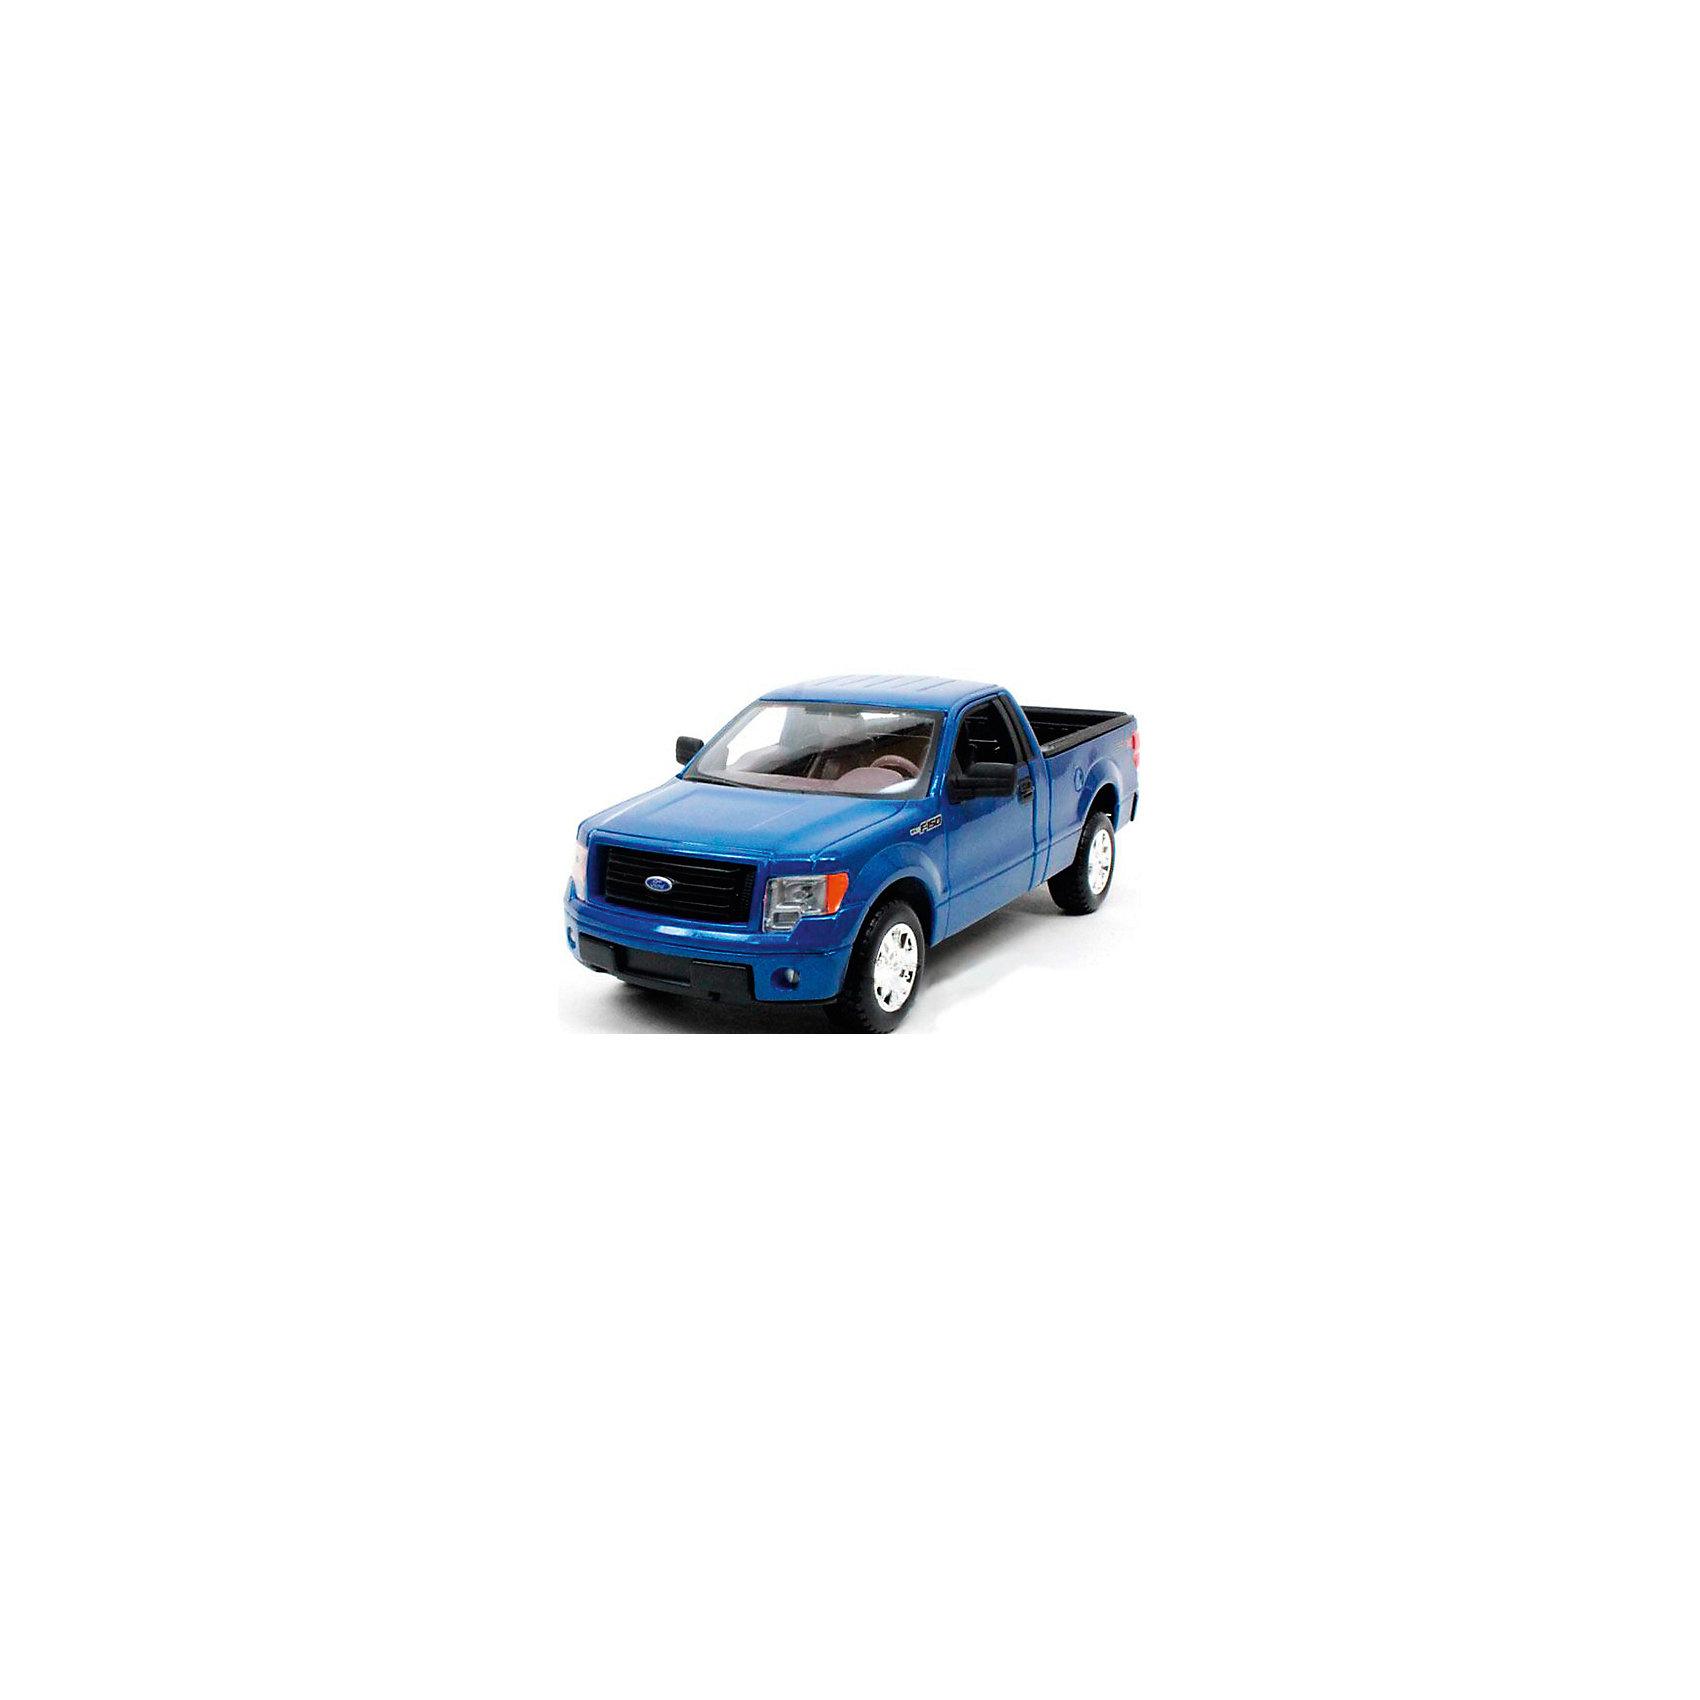 Модель машины 1:34-39 Ford F-150, WellyКоллекционные модели<br>Коллекционная модель машины Ford-150 от компании Welly является точной копией своего прототипа, выполненной в масштабе 1:34. Машинка выполнена из высококачественных материалов, у нее крутятся колеса, открываются двери и капот.<br><br>Ширина мм: 150<br>Глубина мм: 110<br>Высота мм: 60<br>Вес г: 151<br>Возраст от месяцев: 36<br>Возраст до месяцев: 192<br>Пол: Мужской<br>Возраст: Детский<br>SKU: 4966548